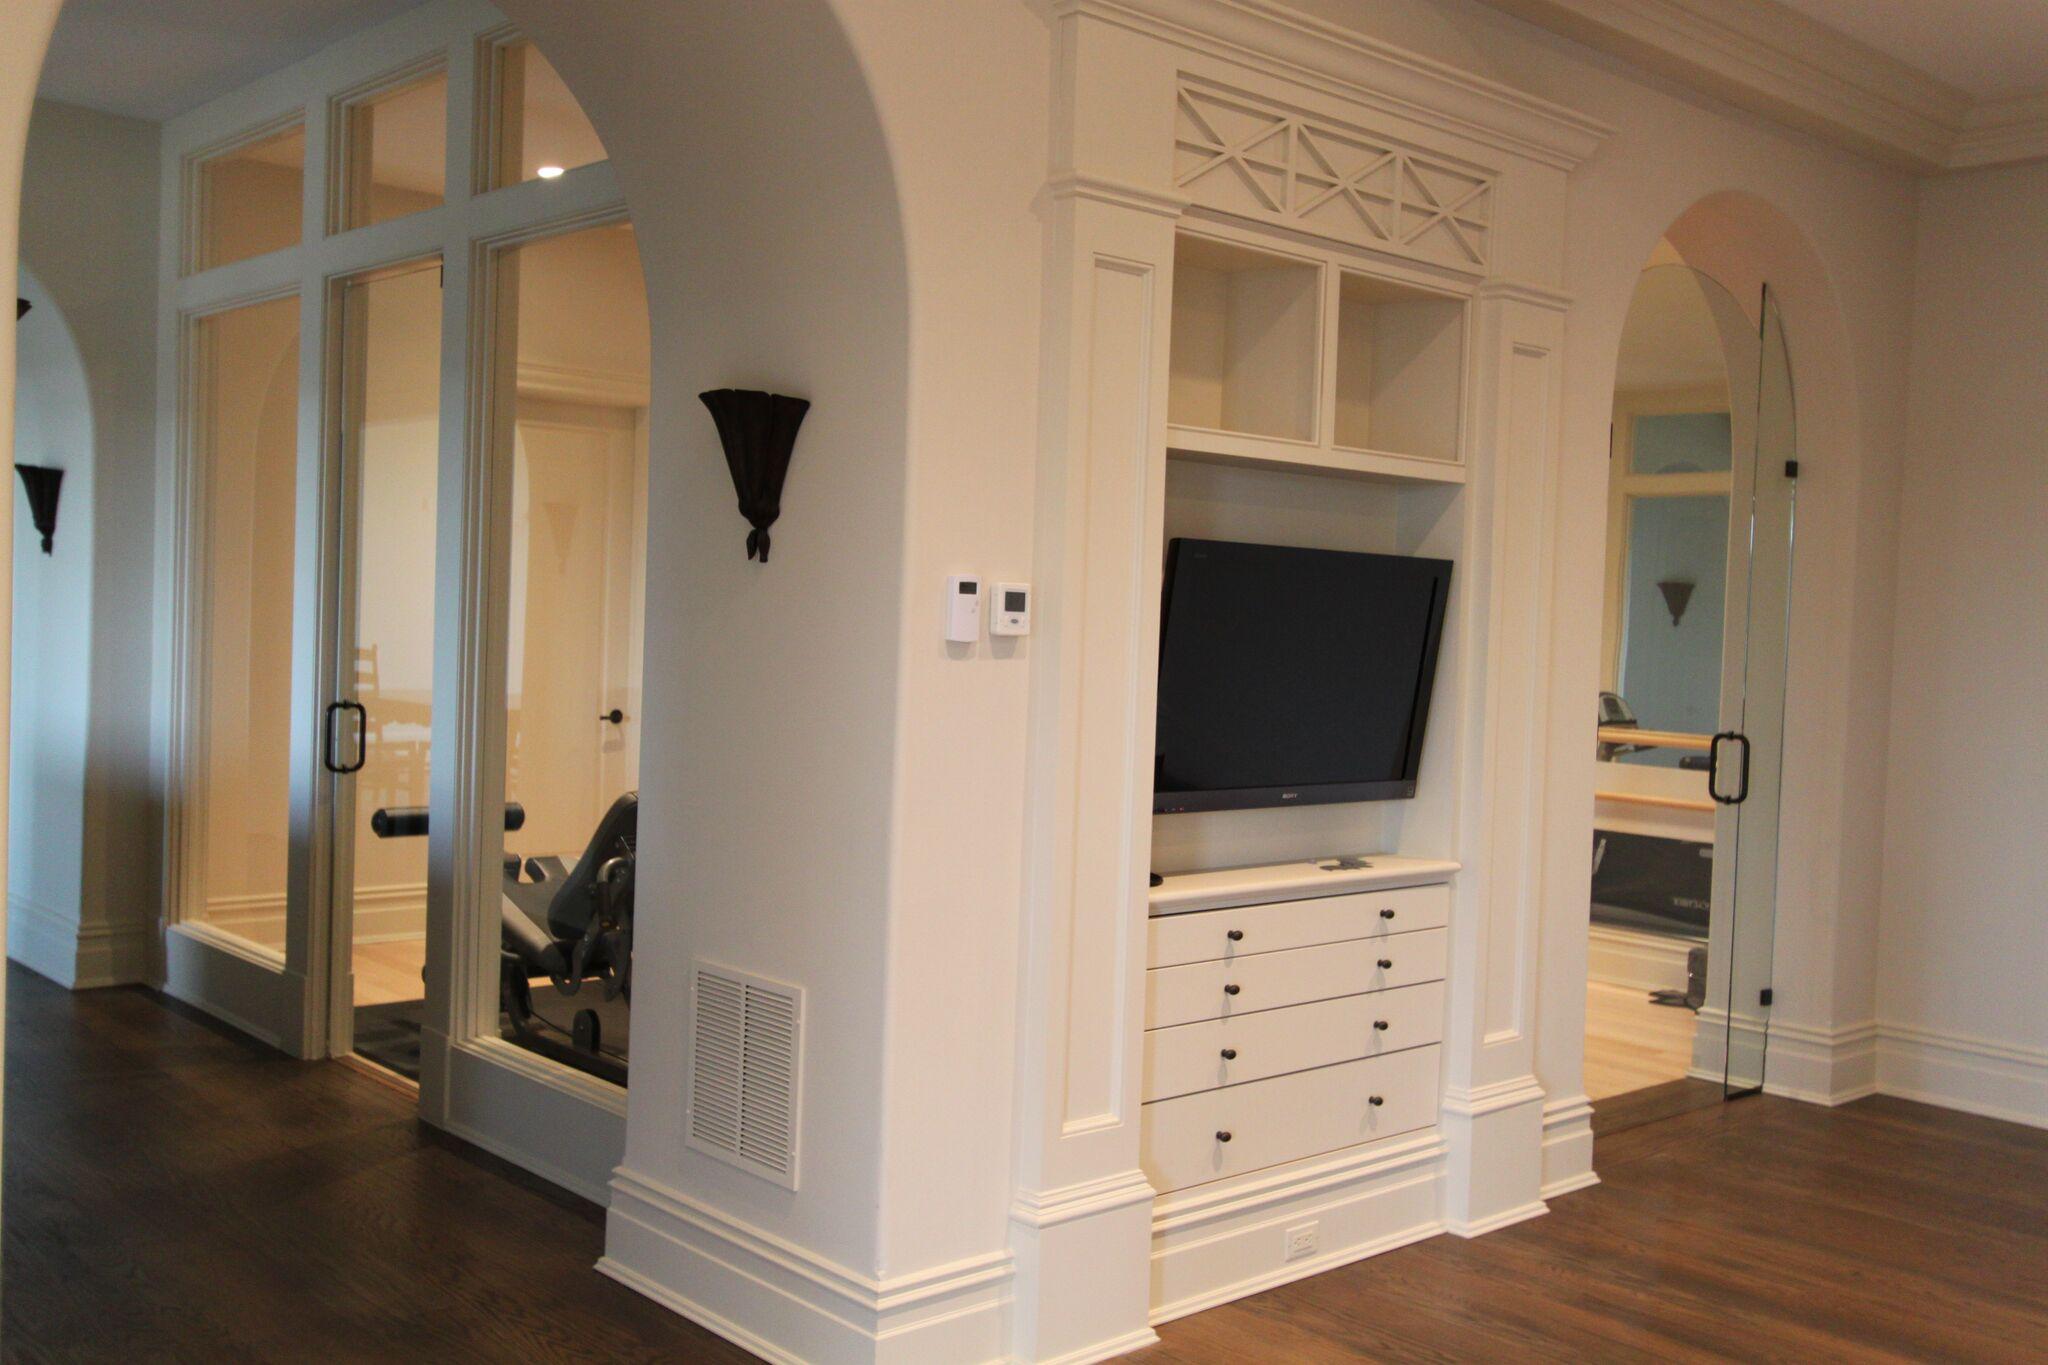 Frameless Exercise Room Entry Doors 2.7.12-min